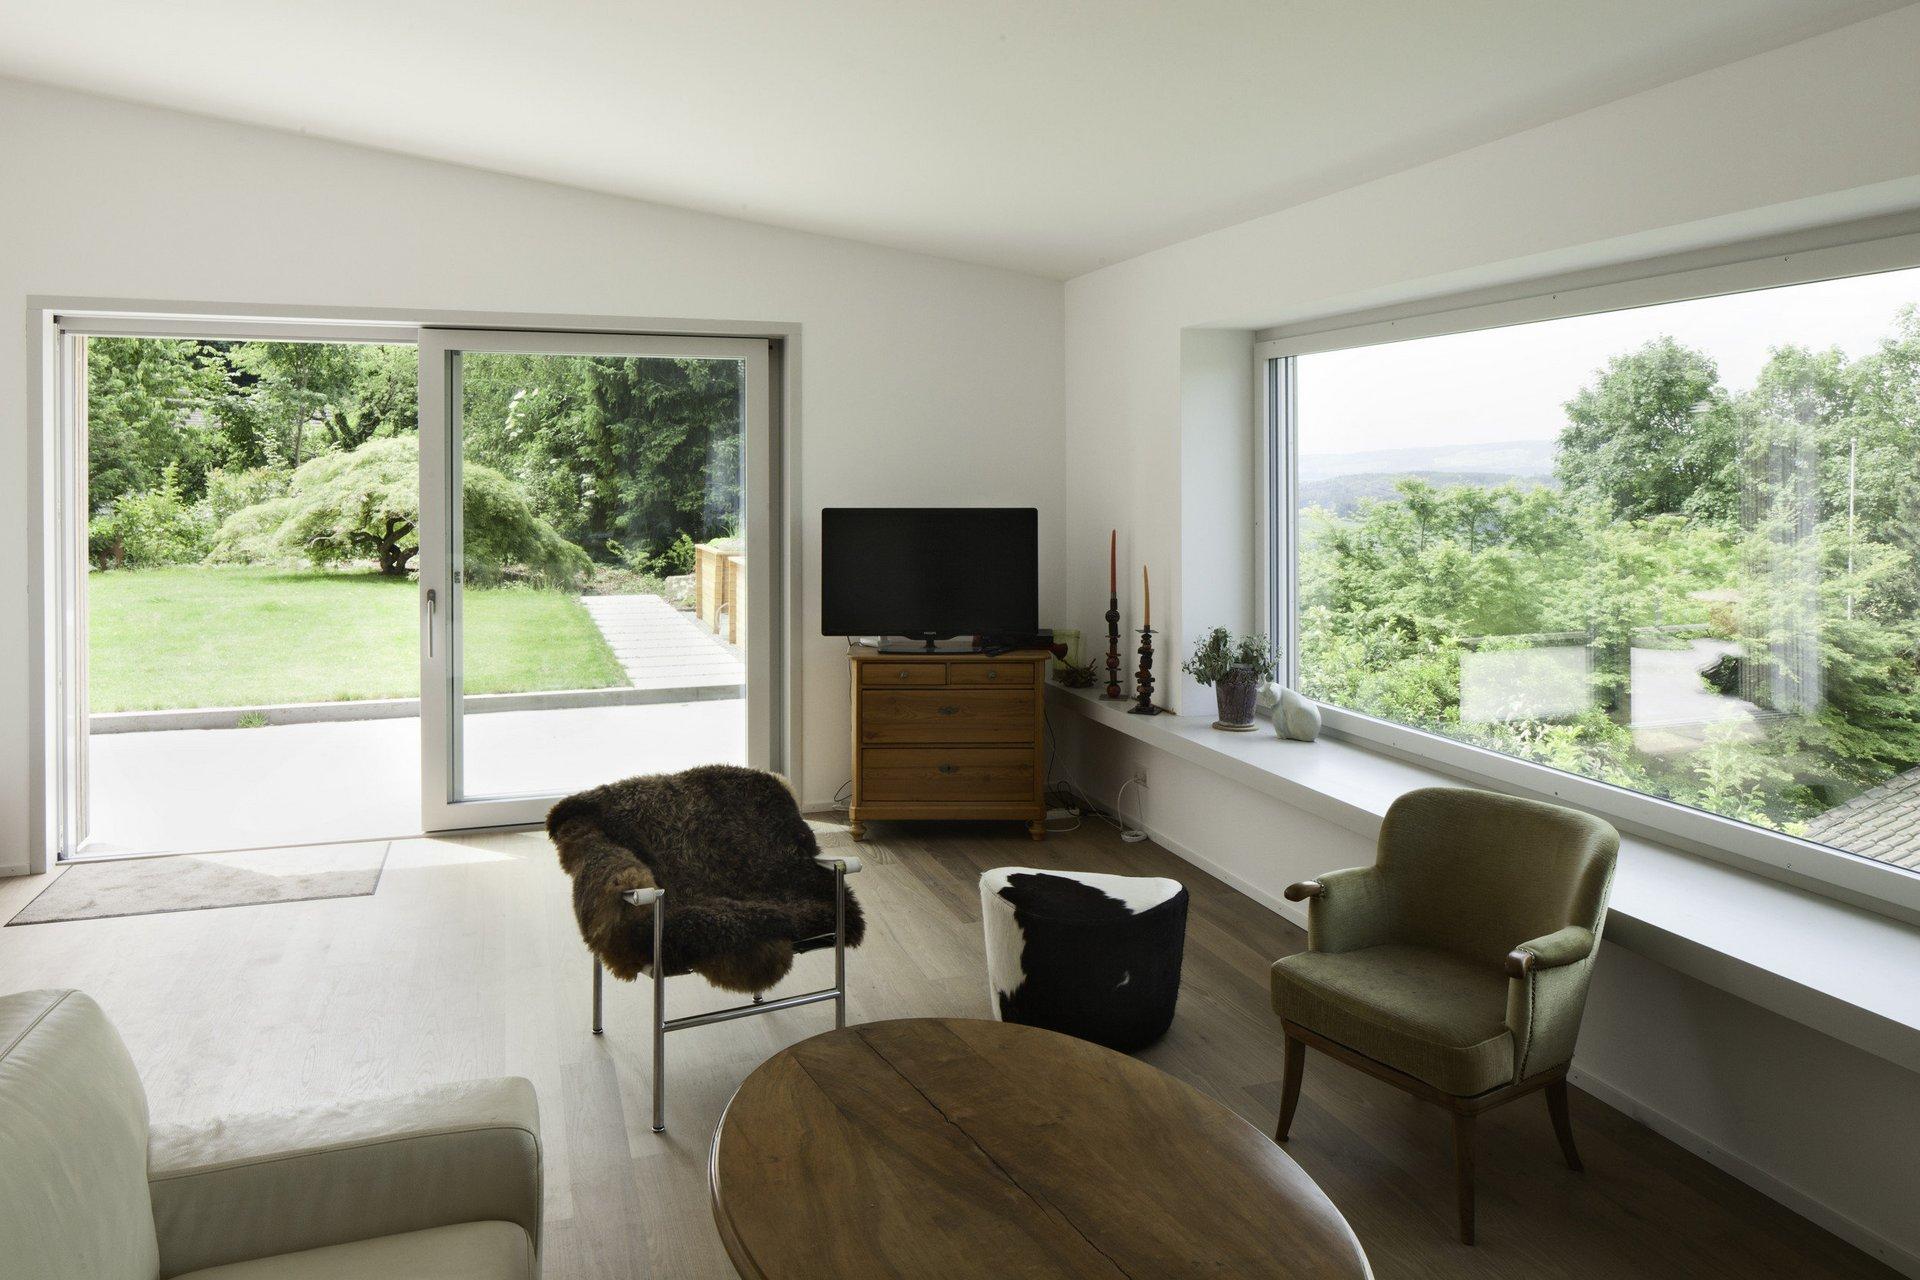 Hebe-Schiebetür + Einflügelfenster mit 3-fach Isolierverglasung innen